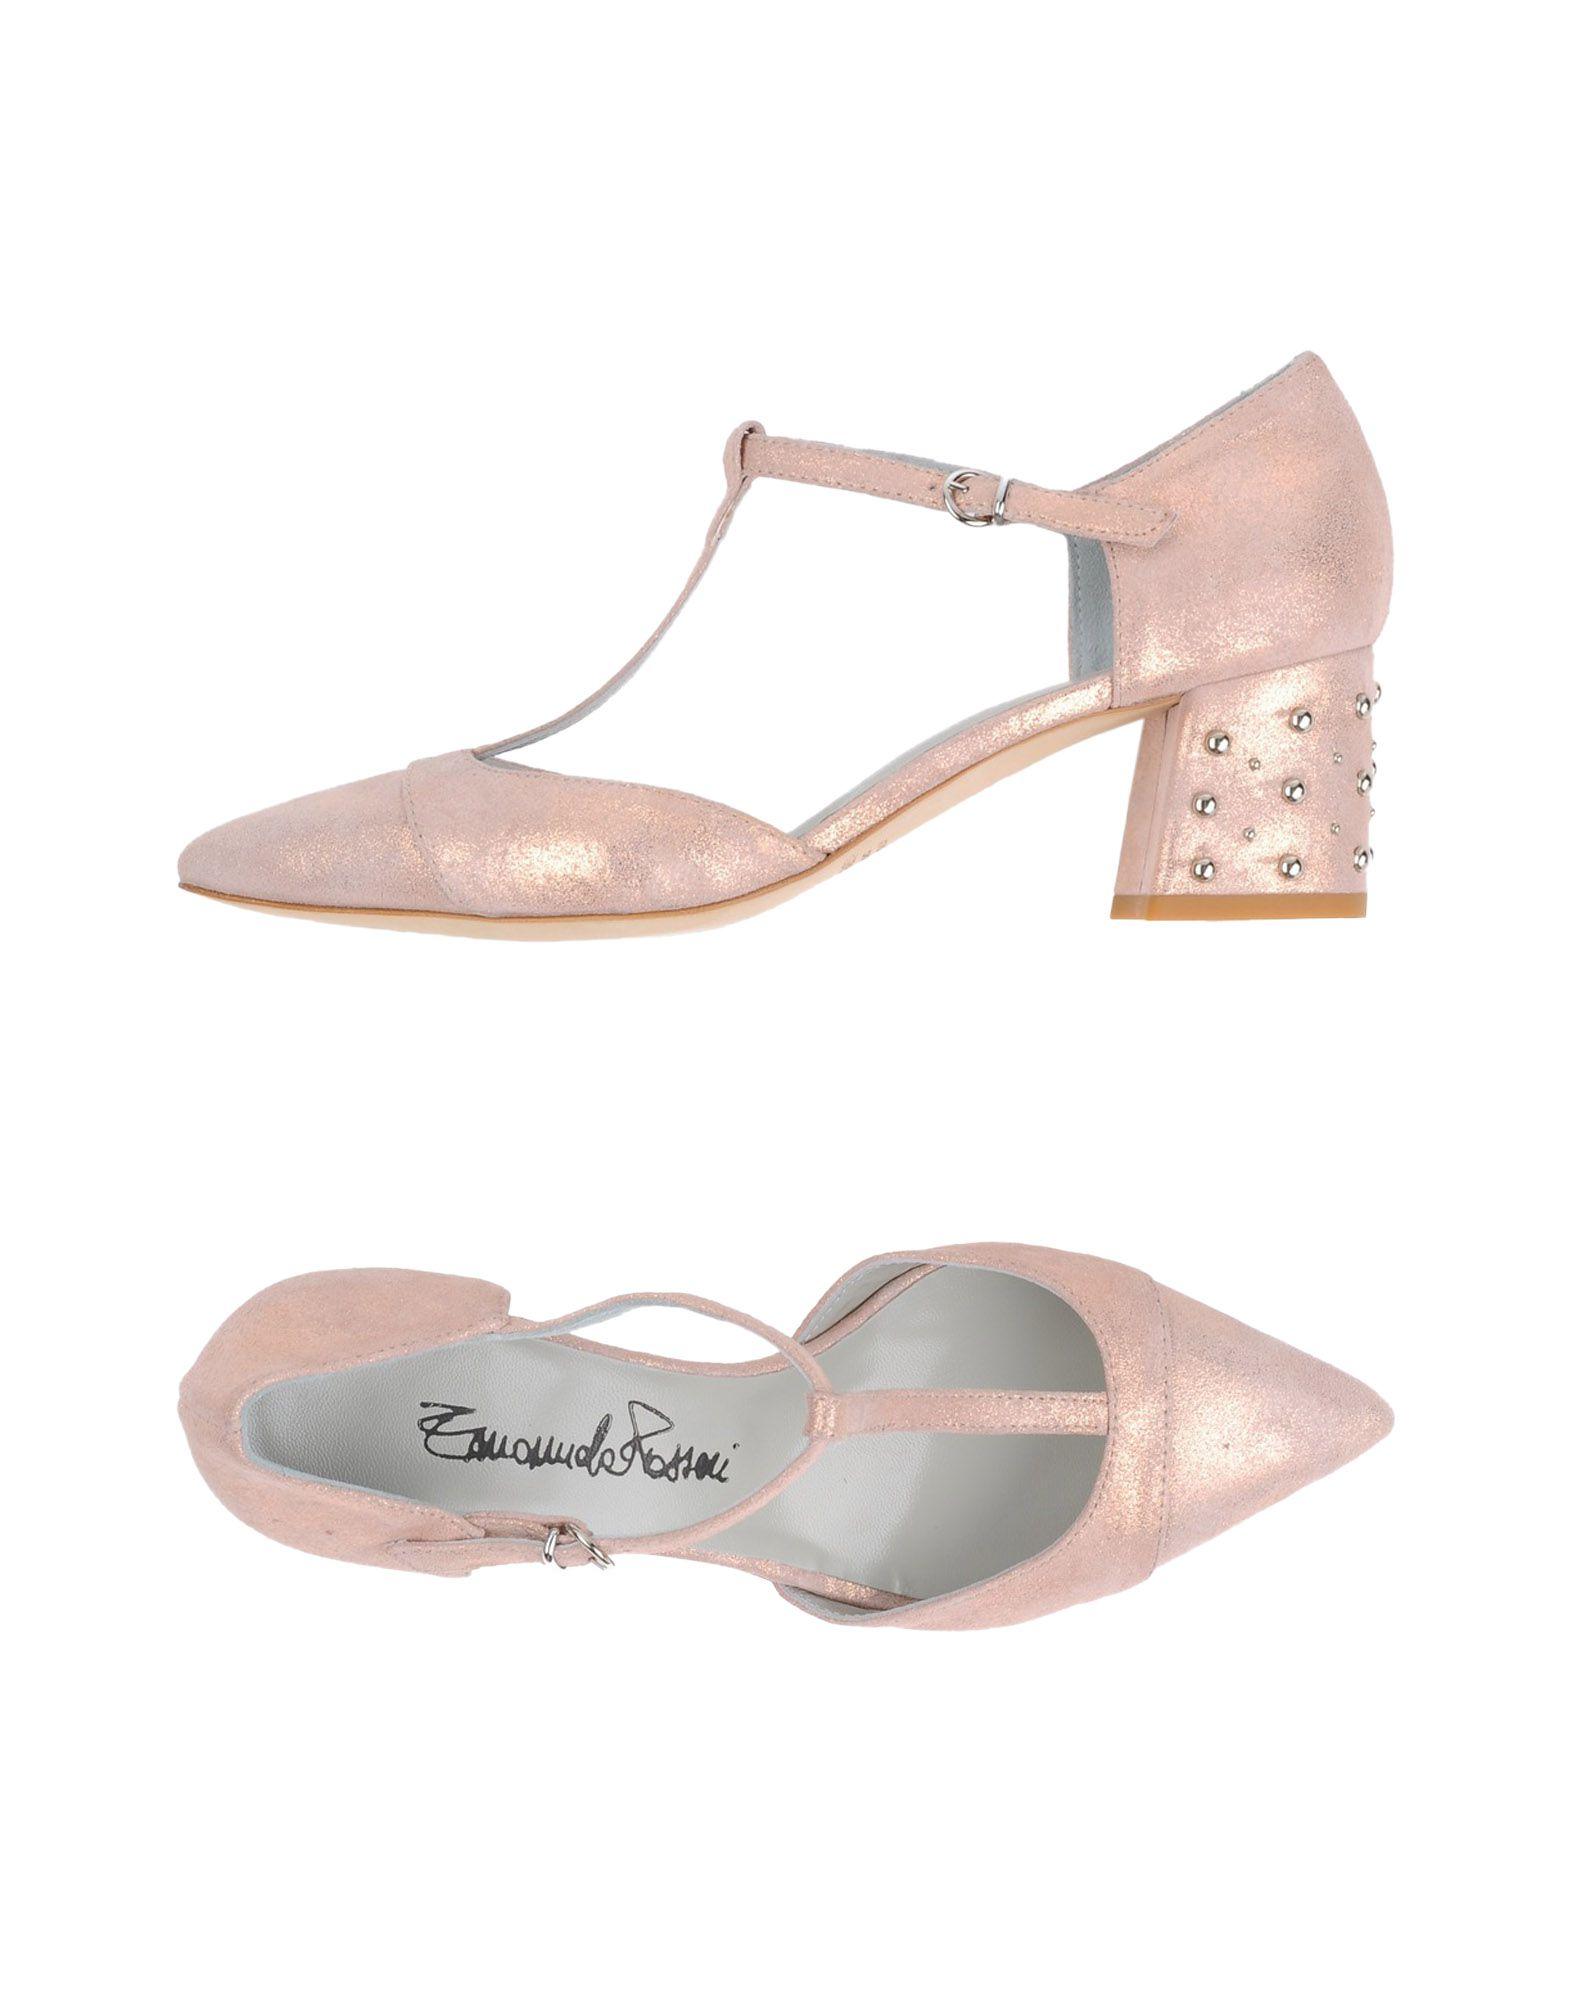 Moda barata y hermosa hermosa y Zapato De Salón Emanuela Passeri Mujer - Salones Emanuela Passeri  Rosa 27bd8f